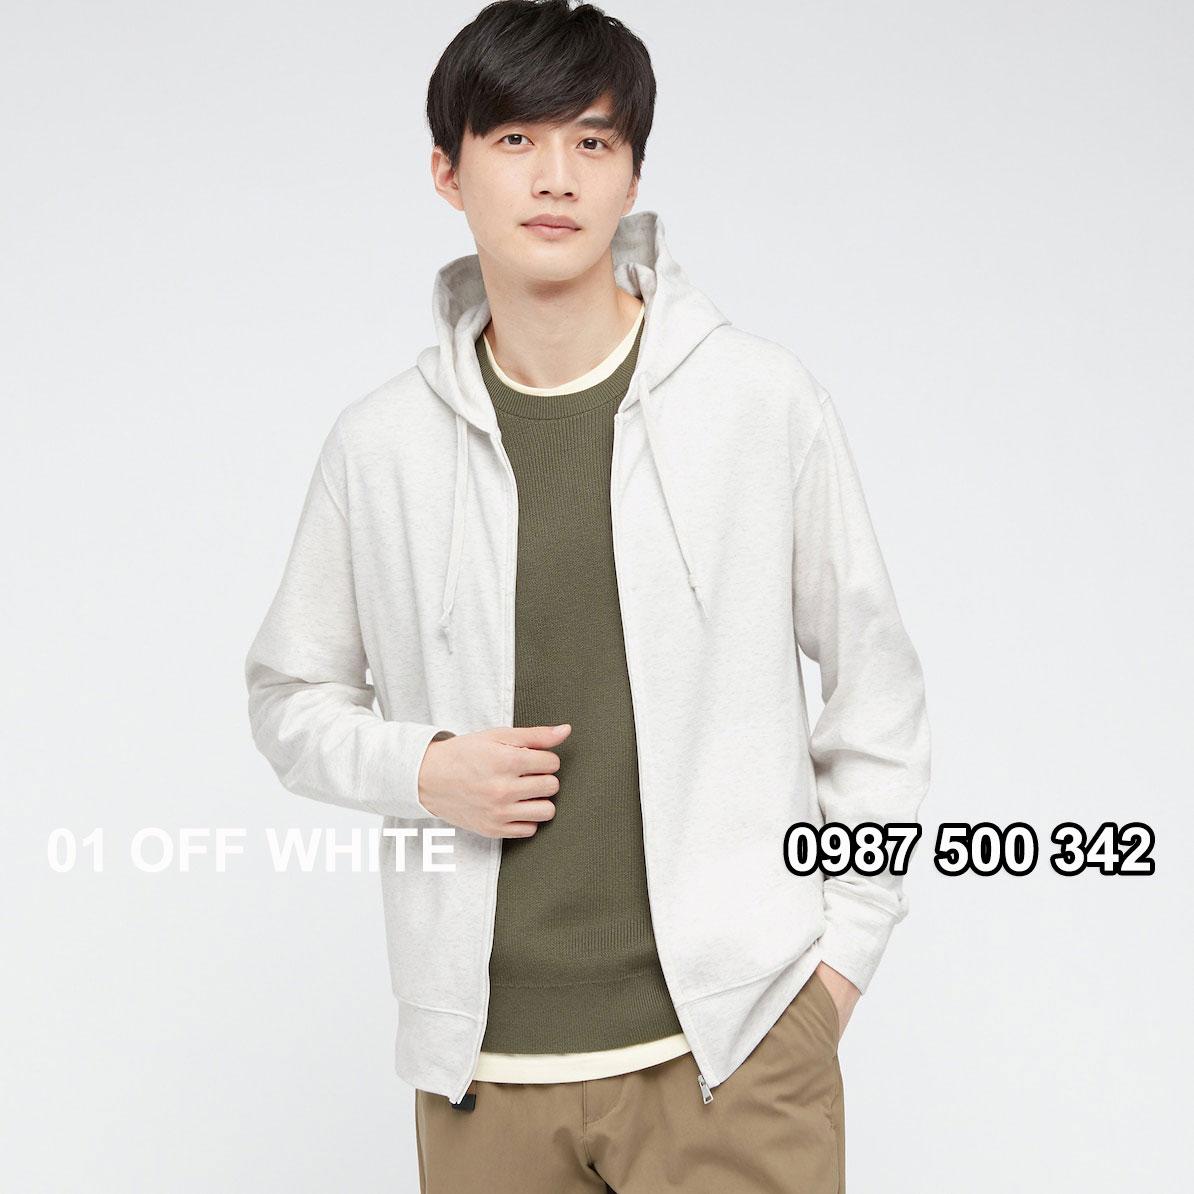 Áo chống nắng nam Uniqlo màu trắng 01 OFF WHITE 433049